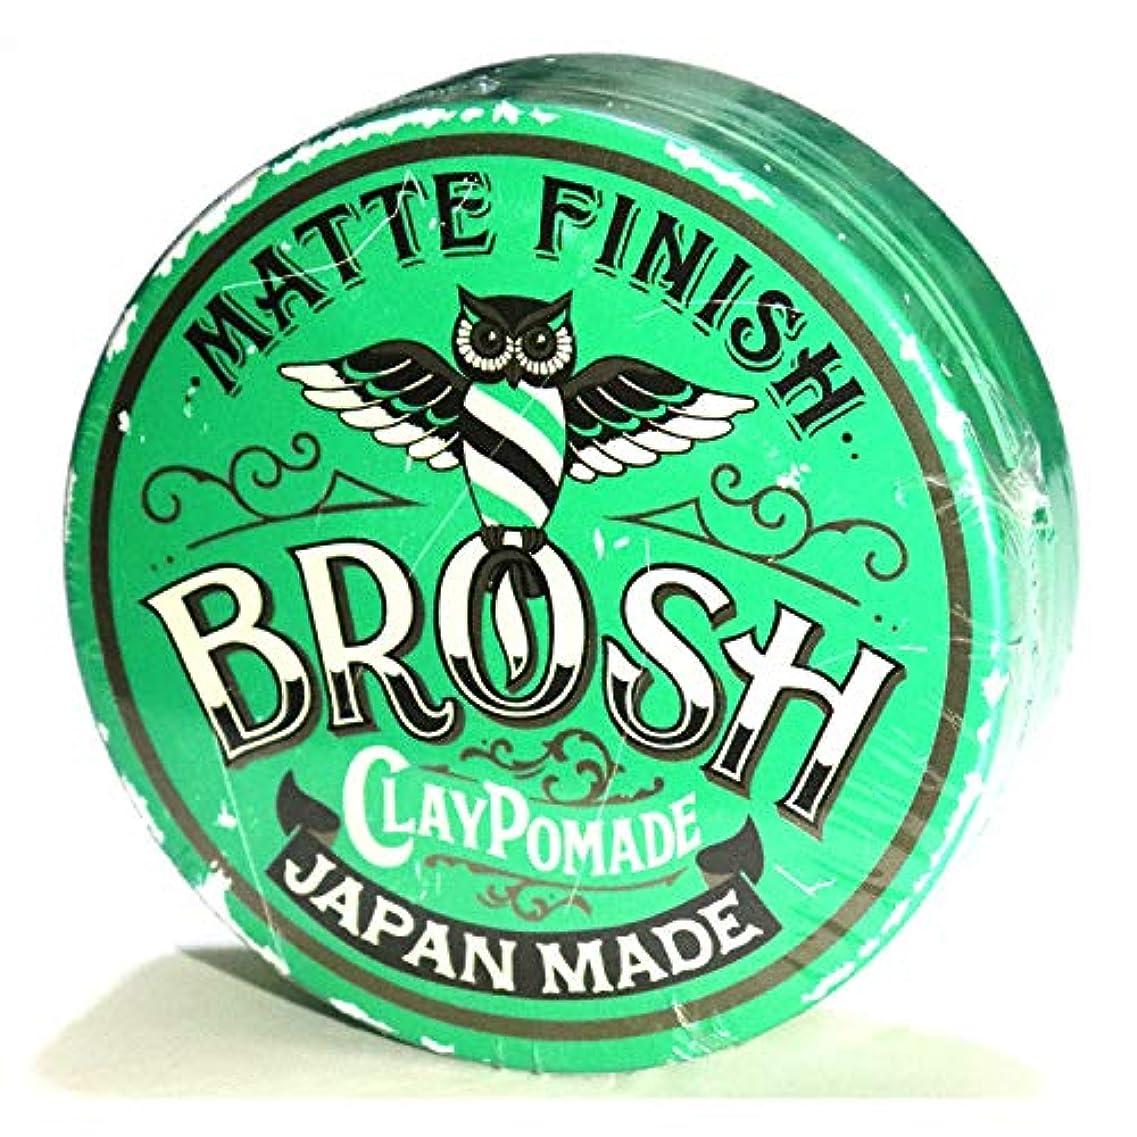 論争の的散る負BROSH (ブロッシュ) BROSH CLAY POMADE 115g 水性ポマード 整髪料 マット